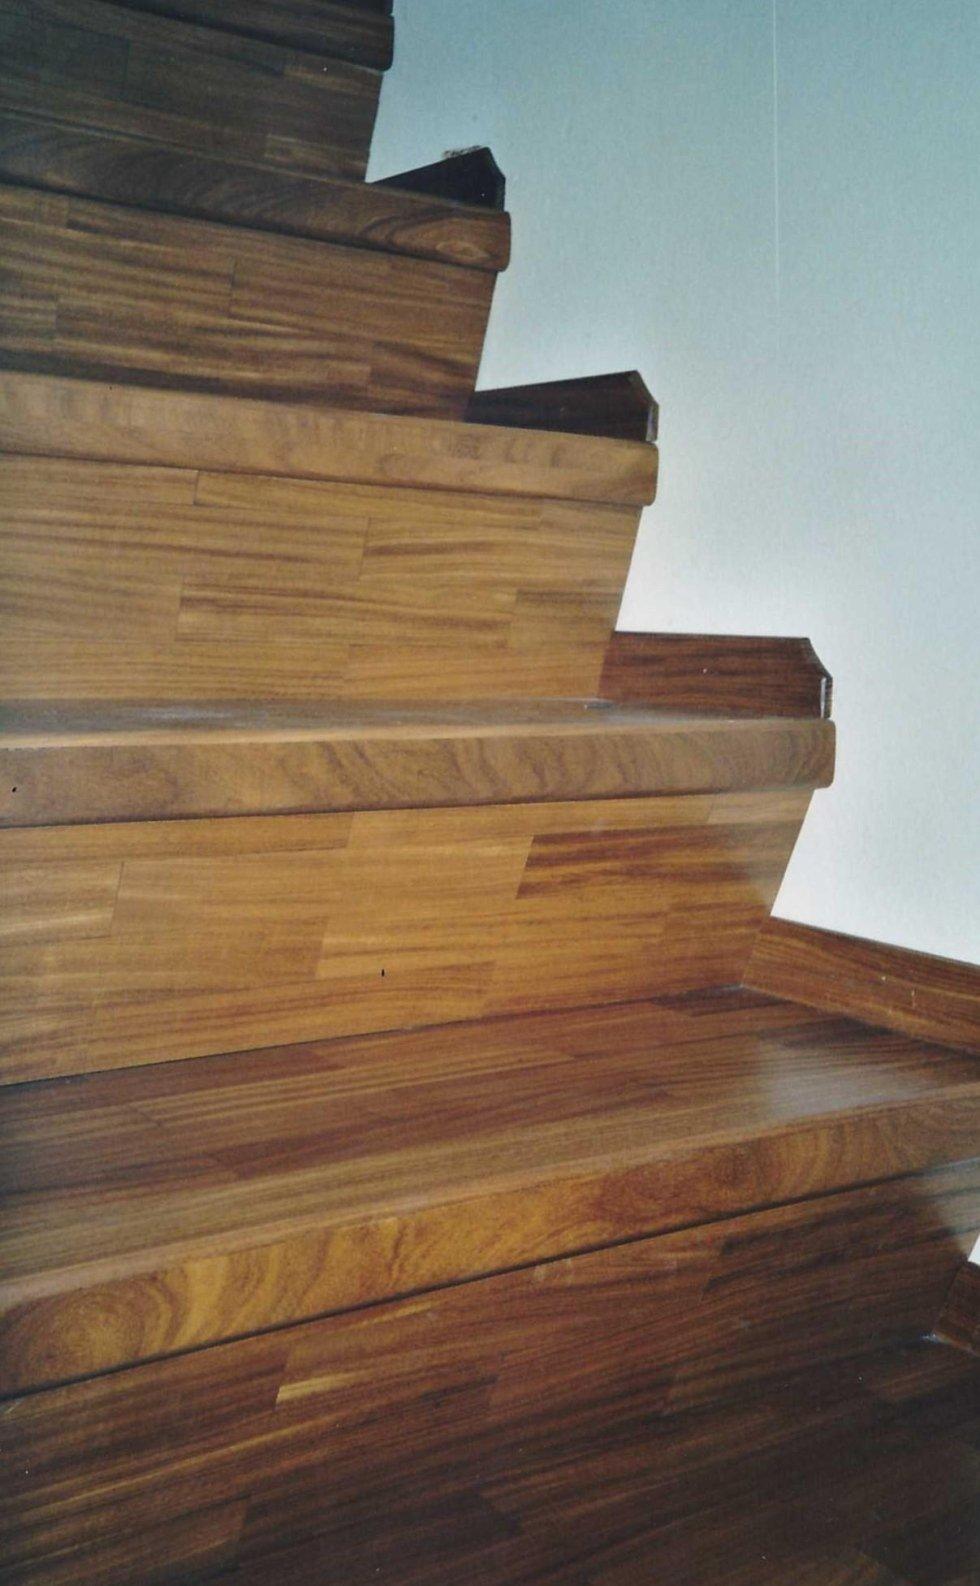 delle scale rivestite con delle assi di legno